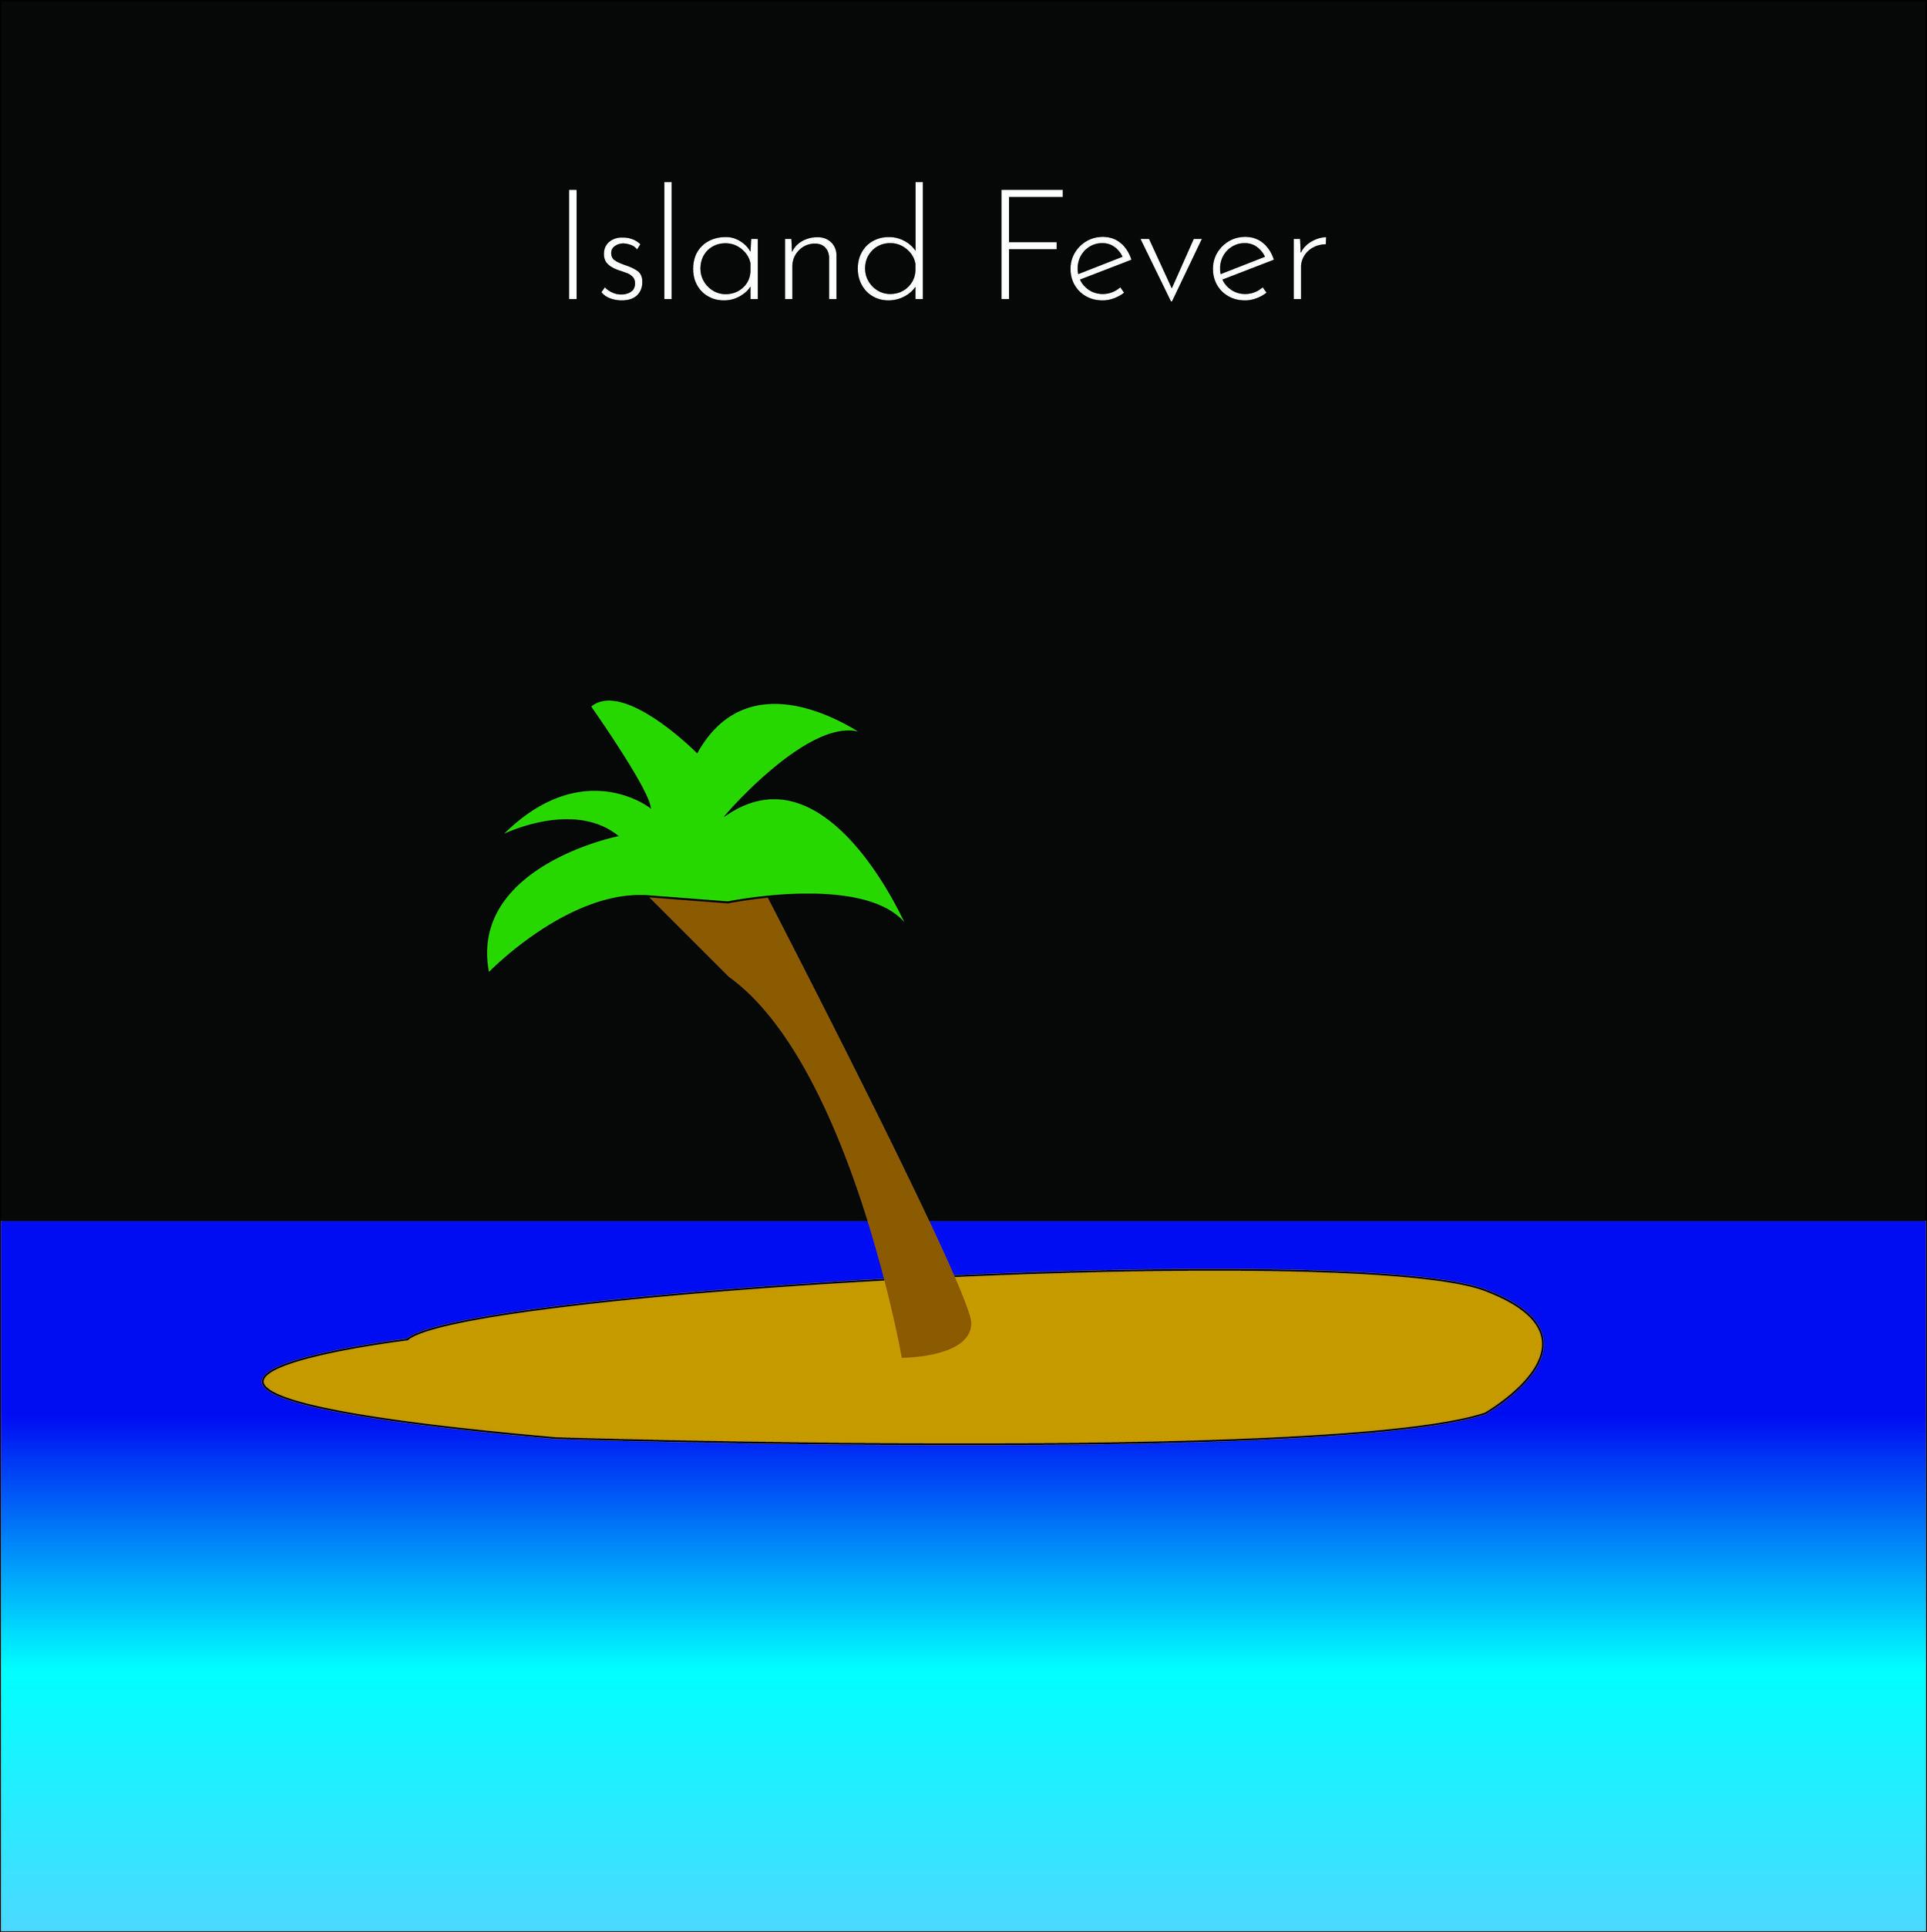 Island Fever.jpg